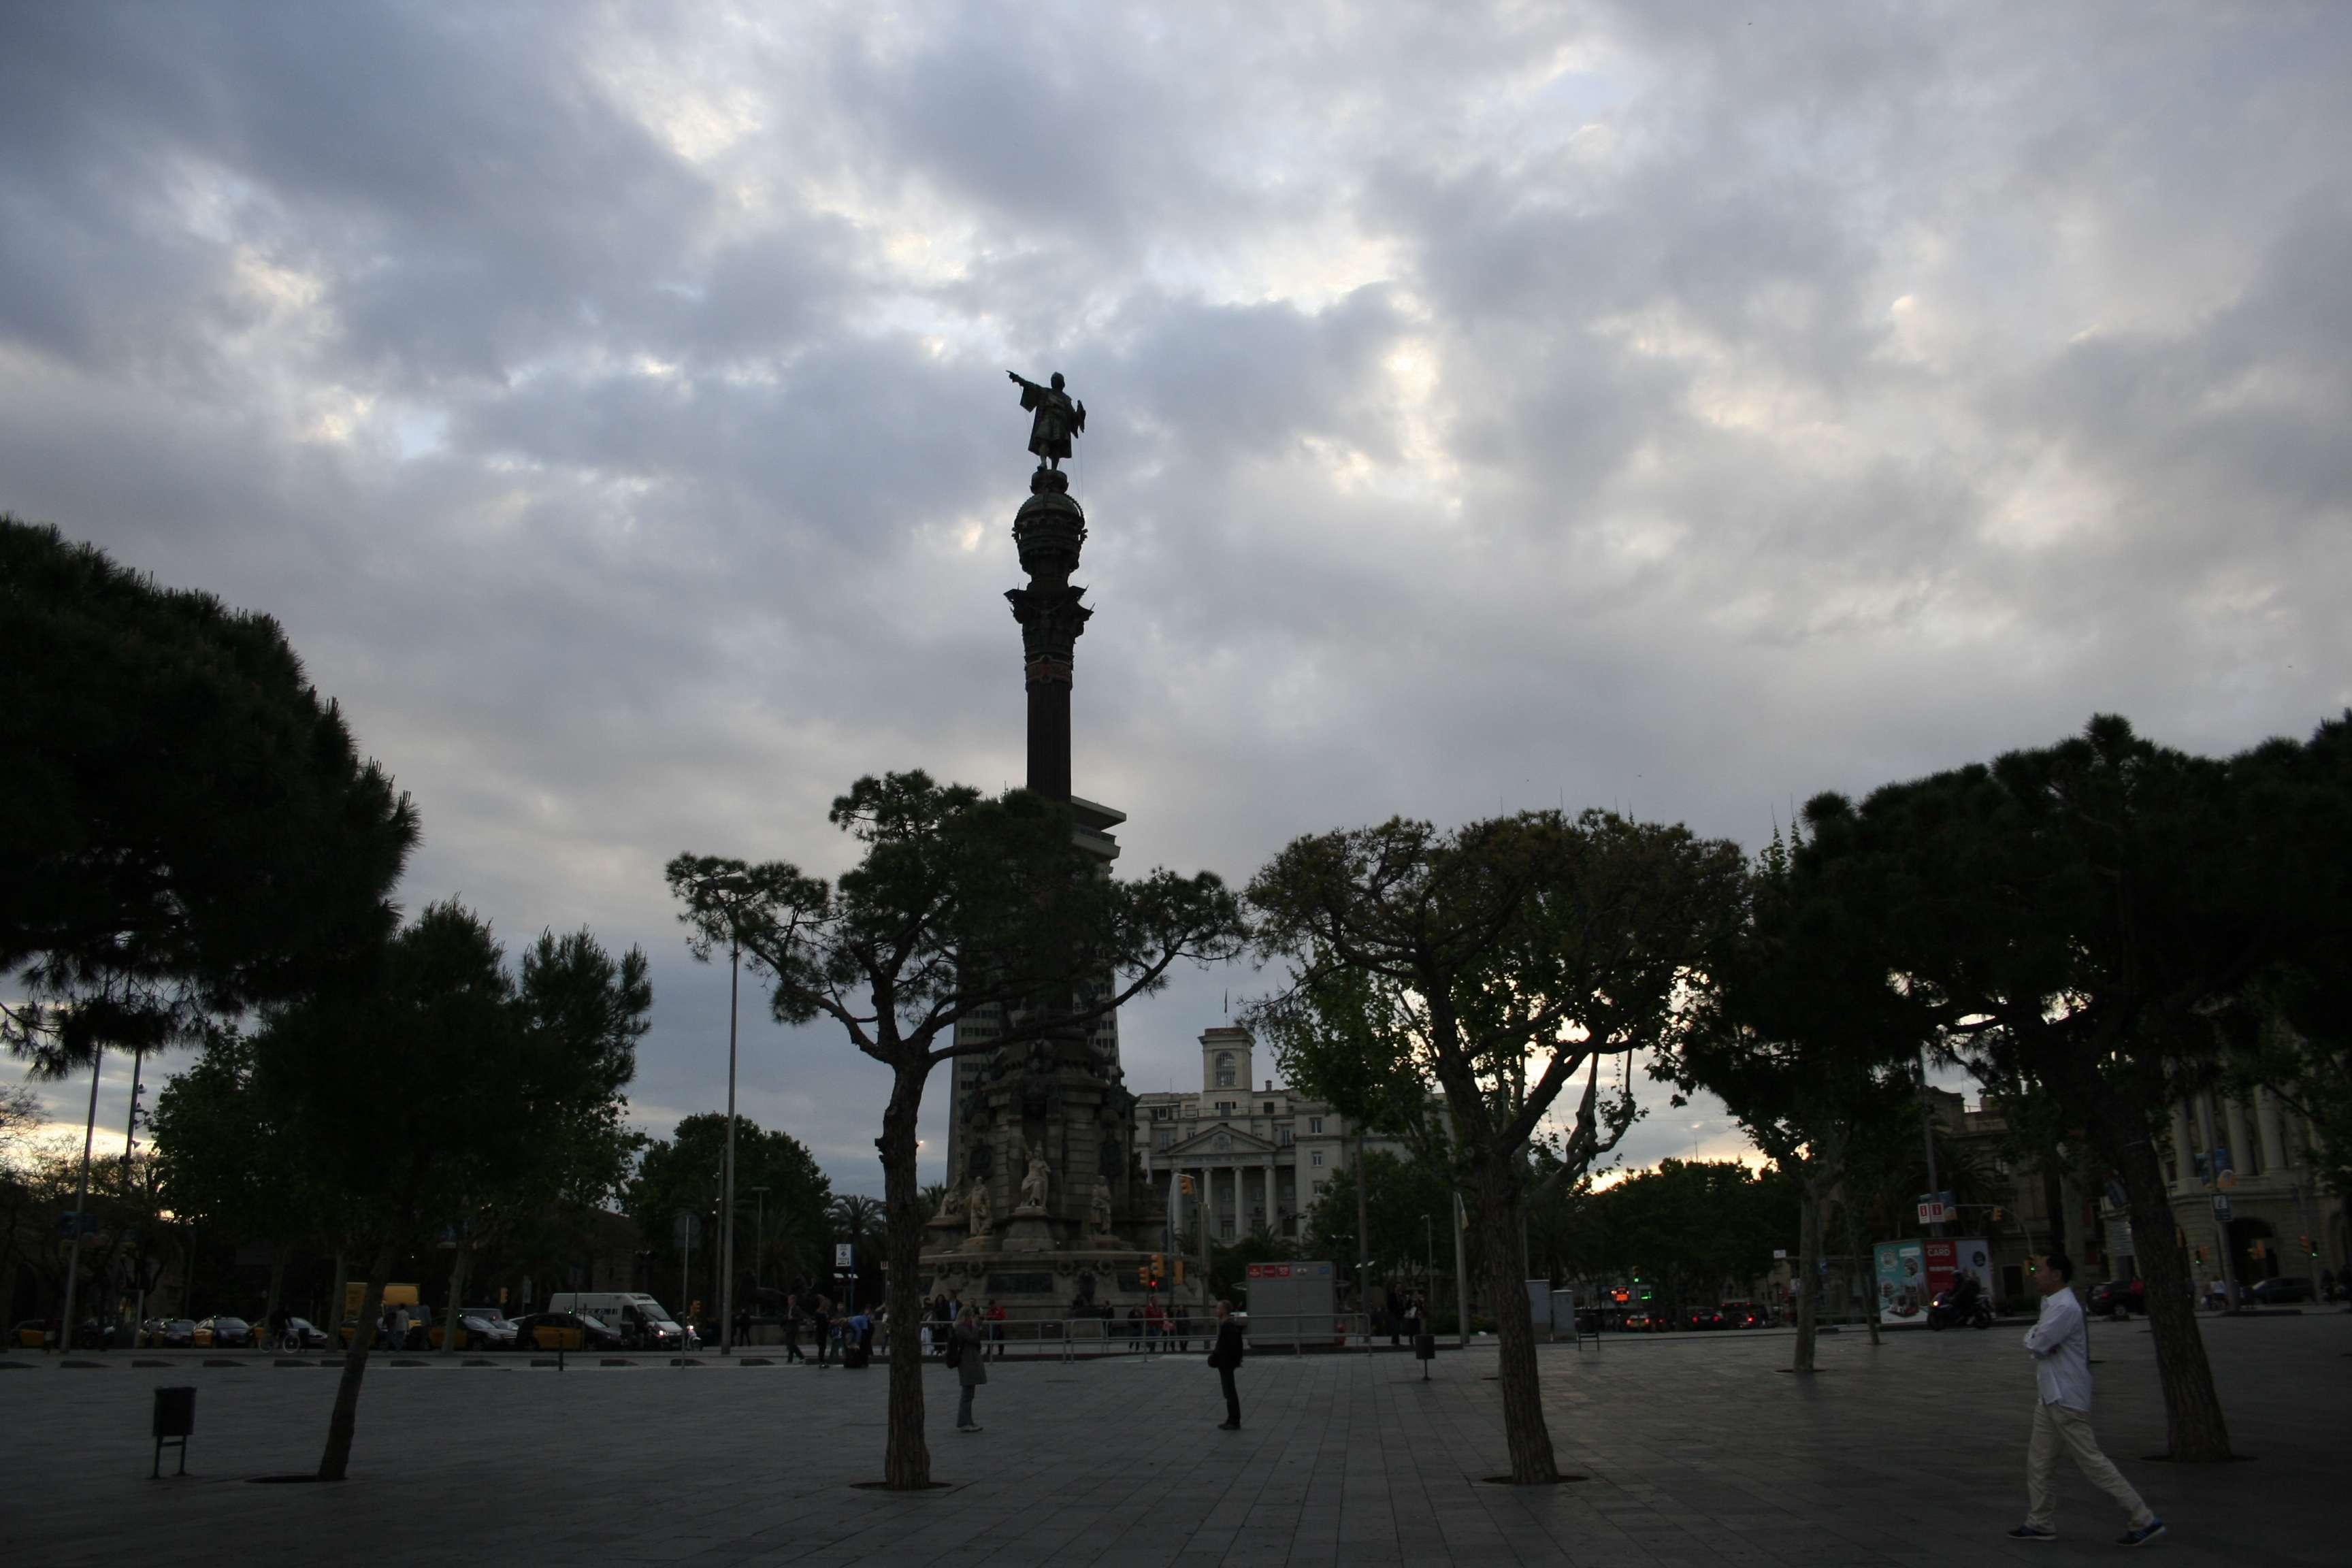 Barcelone mai 2013_0002 Mirador de Colom